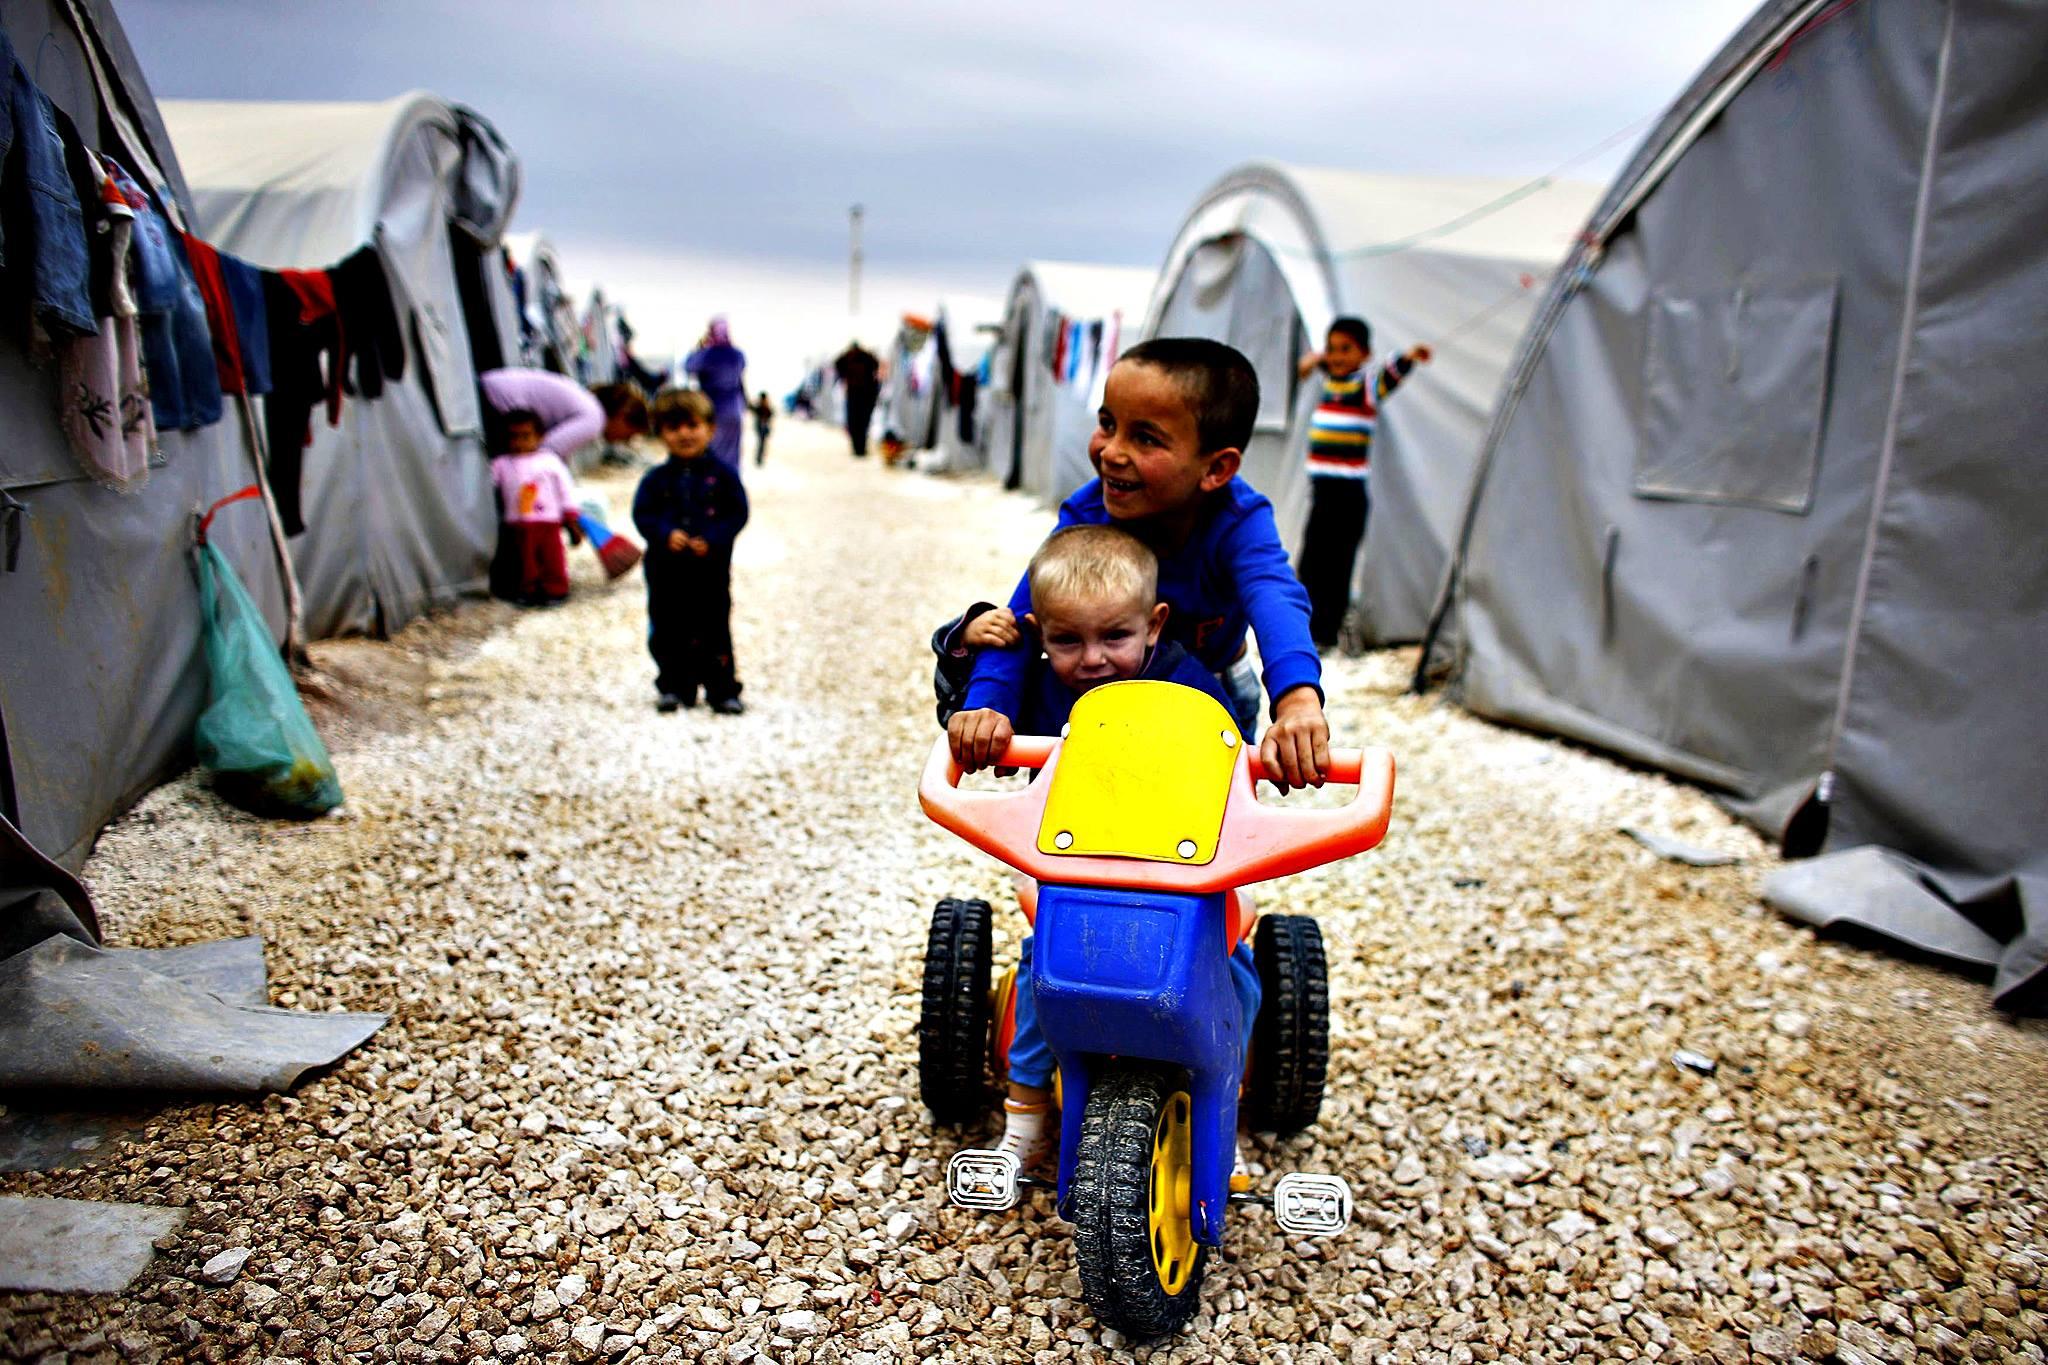 Αλληλεγγύη του Δήμου 3Β στους πρόσφυγες του Κομπάνι